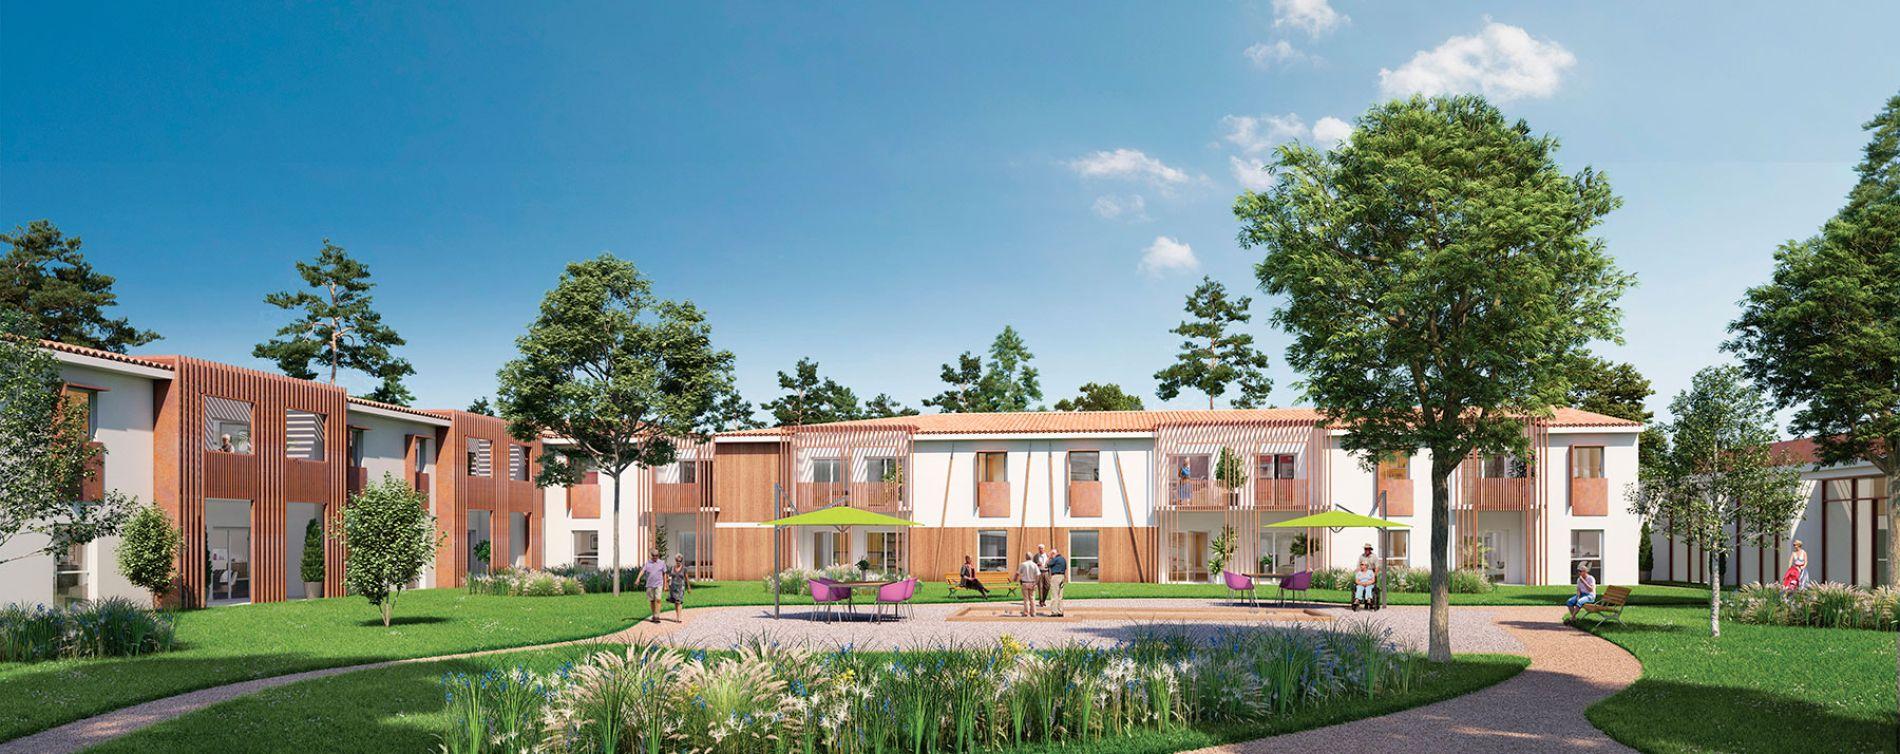 Résidence Domaine de Villepreux - La Résidence à Saint-Aubin-de-Médoc